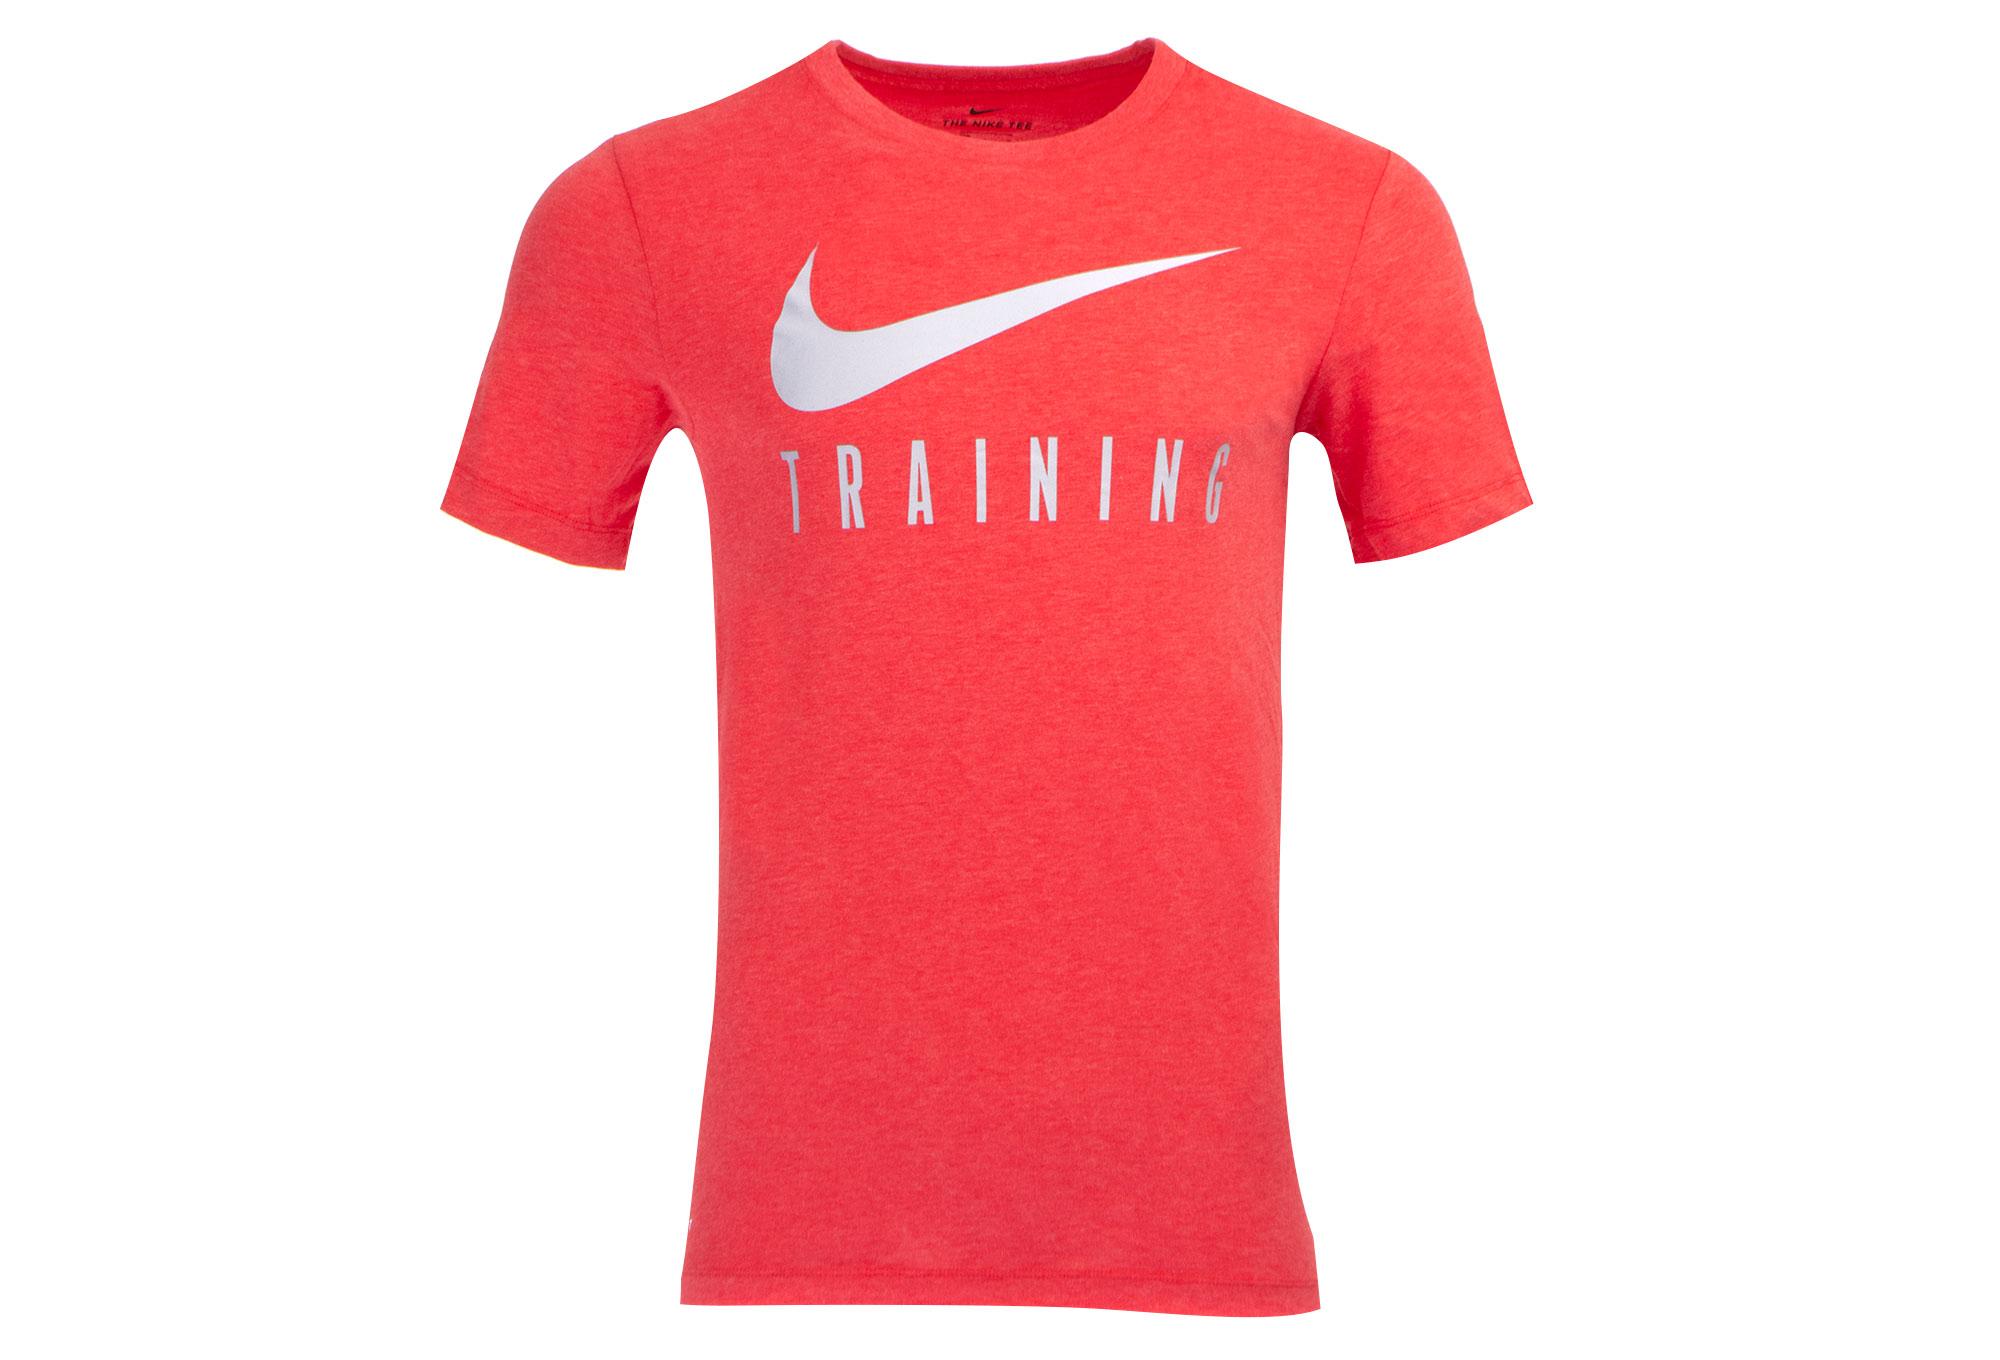 Camiseta de manga corta Nike Dri FIT de entrenamiento para hombre de color rojo